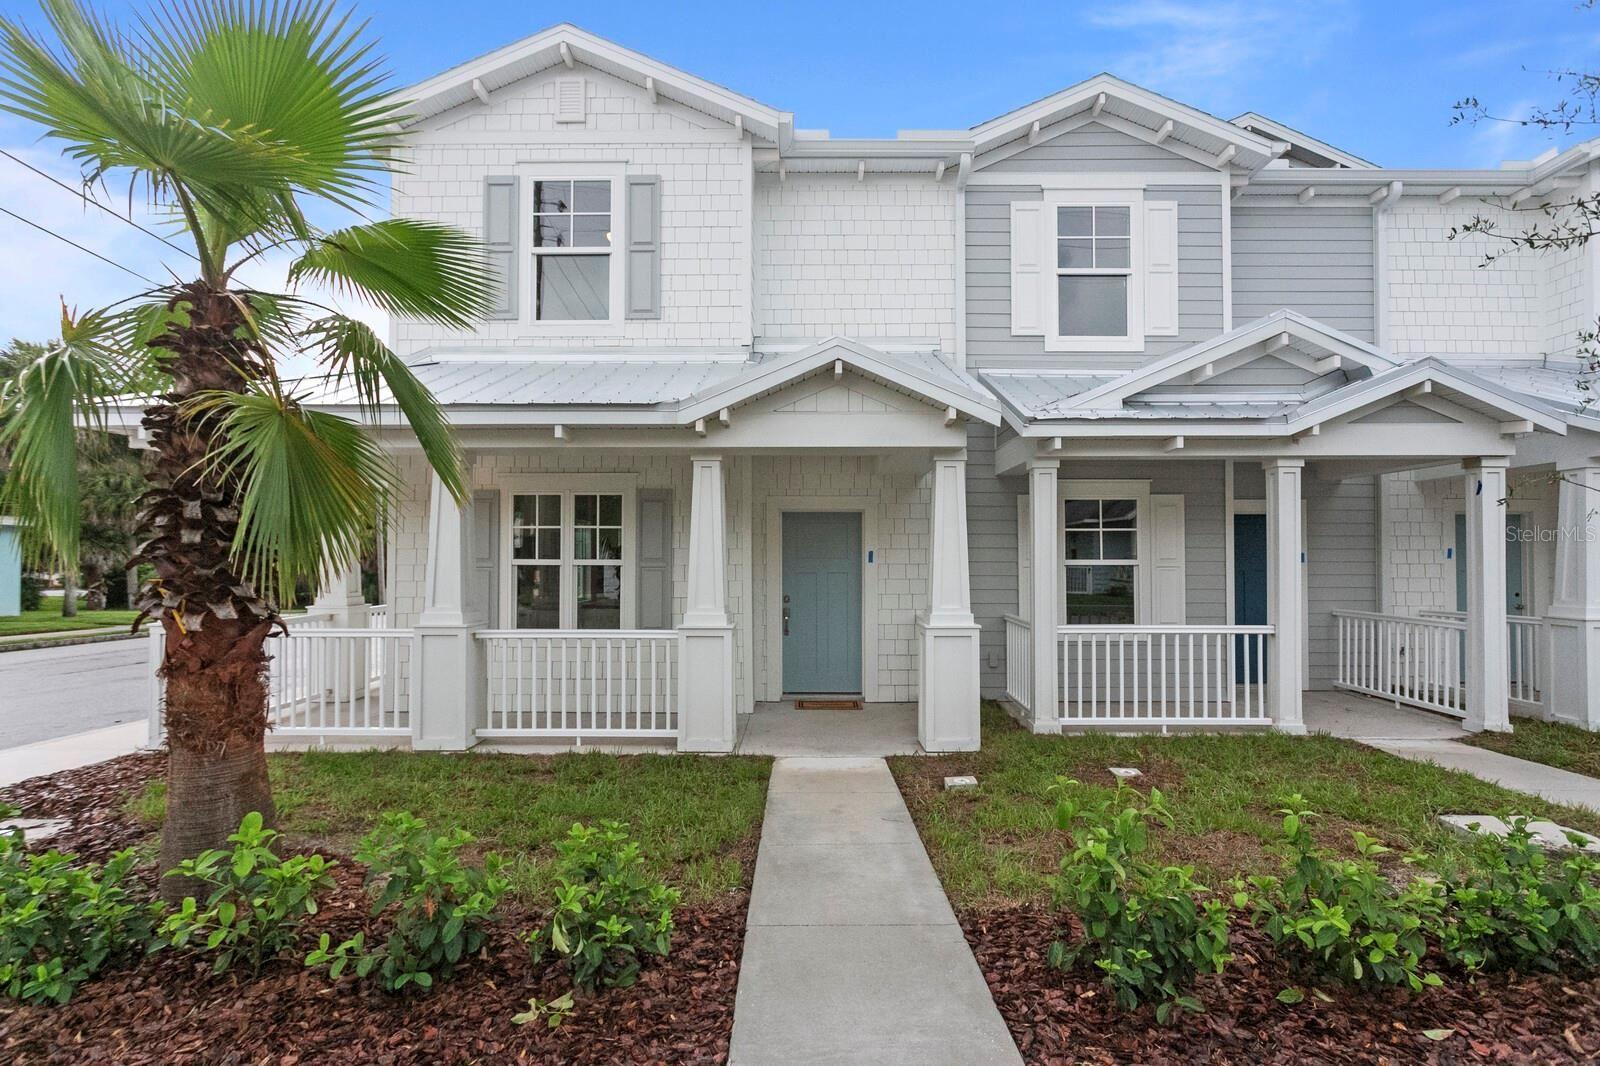 151 RING AVENUE N, Tarpon Springs, FL 34689 - MLS#: U8116233